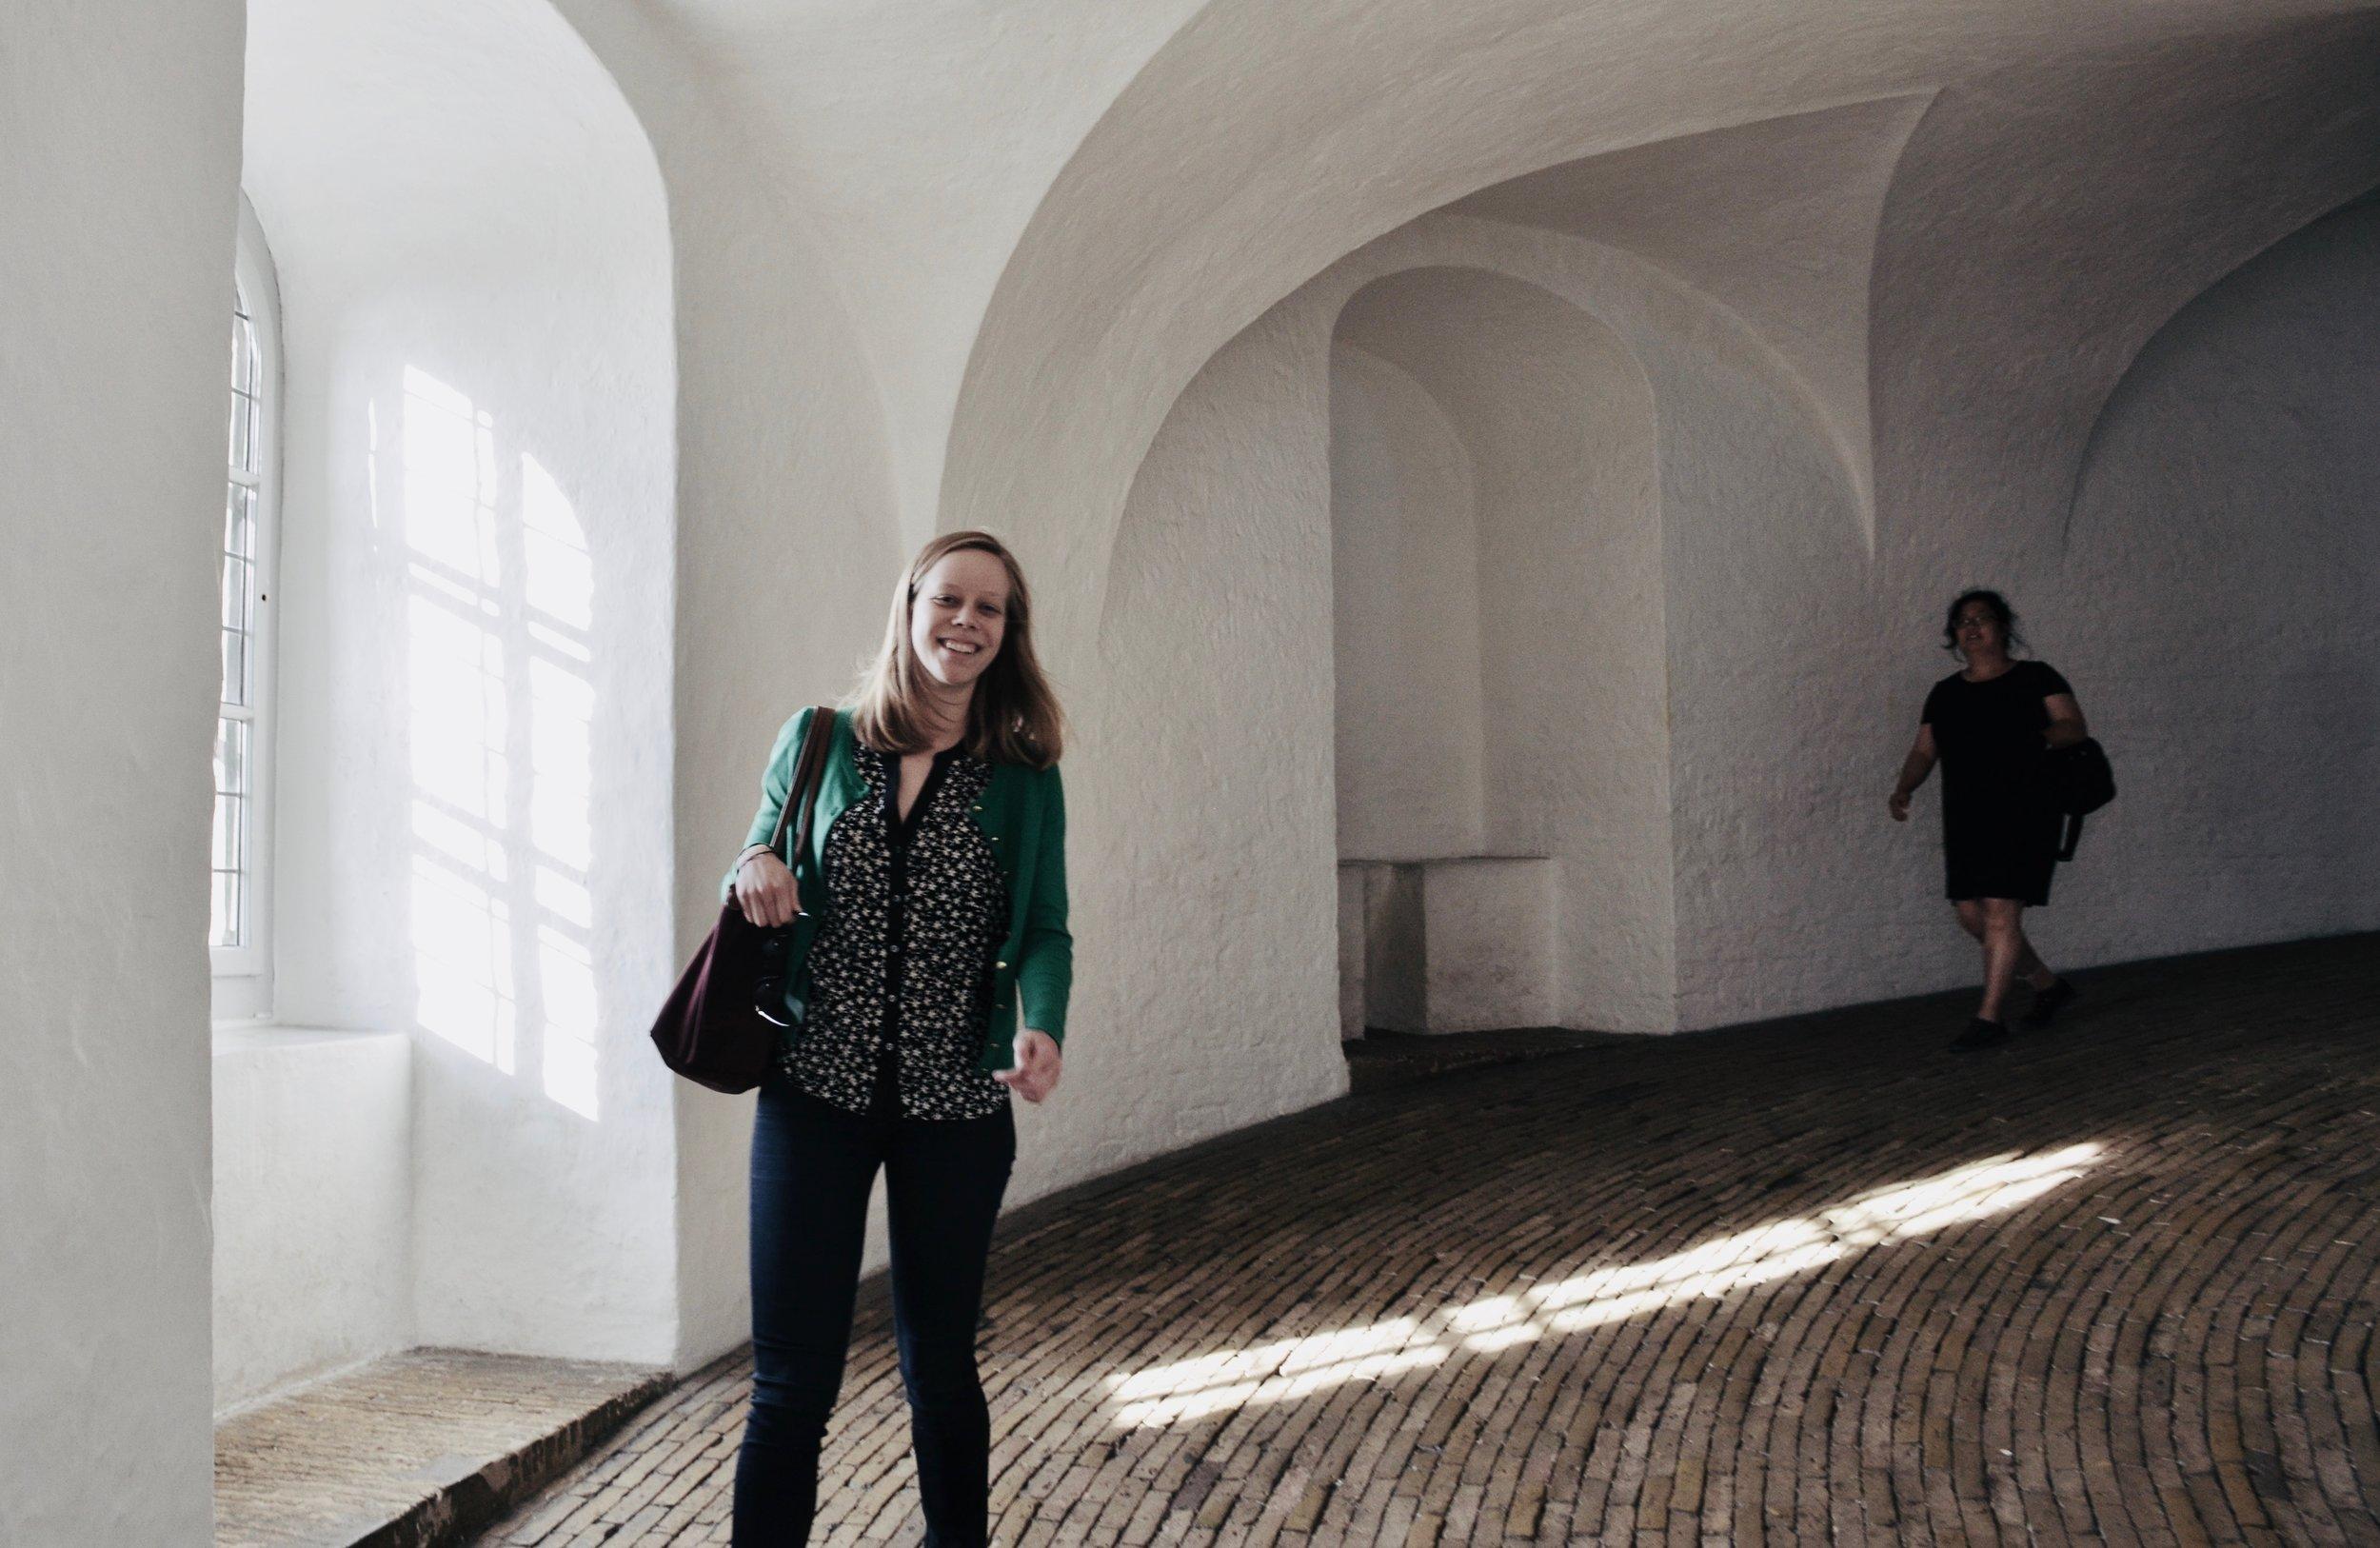 Descending the tower ramp at Trinitatis Kirke, Copenhagen, following an inspiring final day.